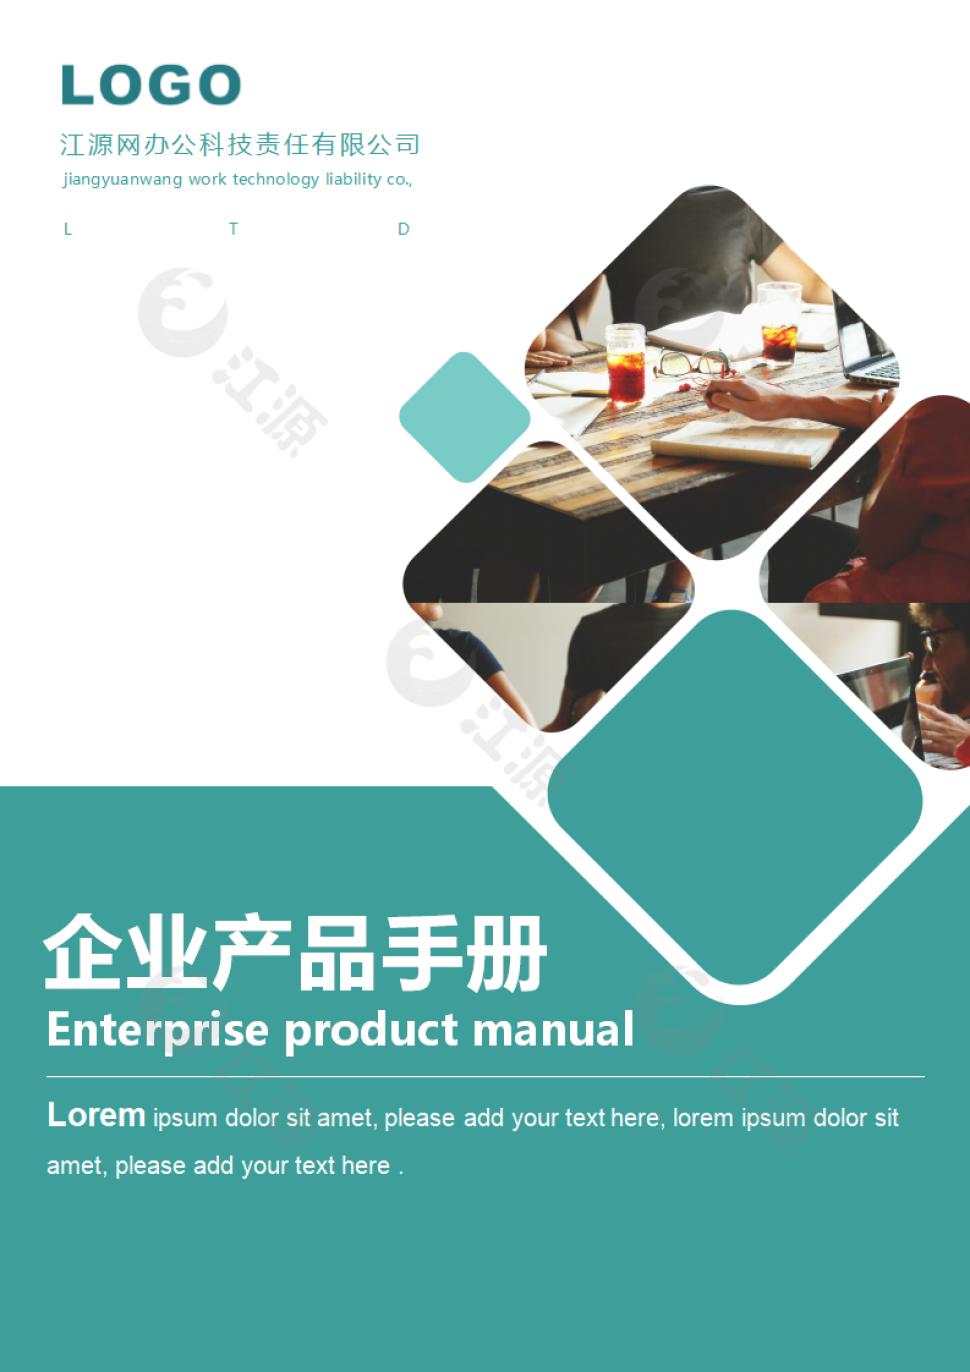 绿色企业产品宣传手册封面